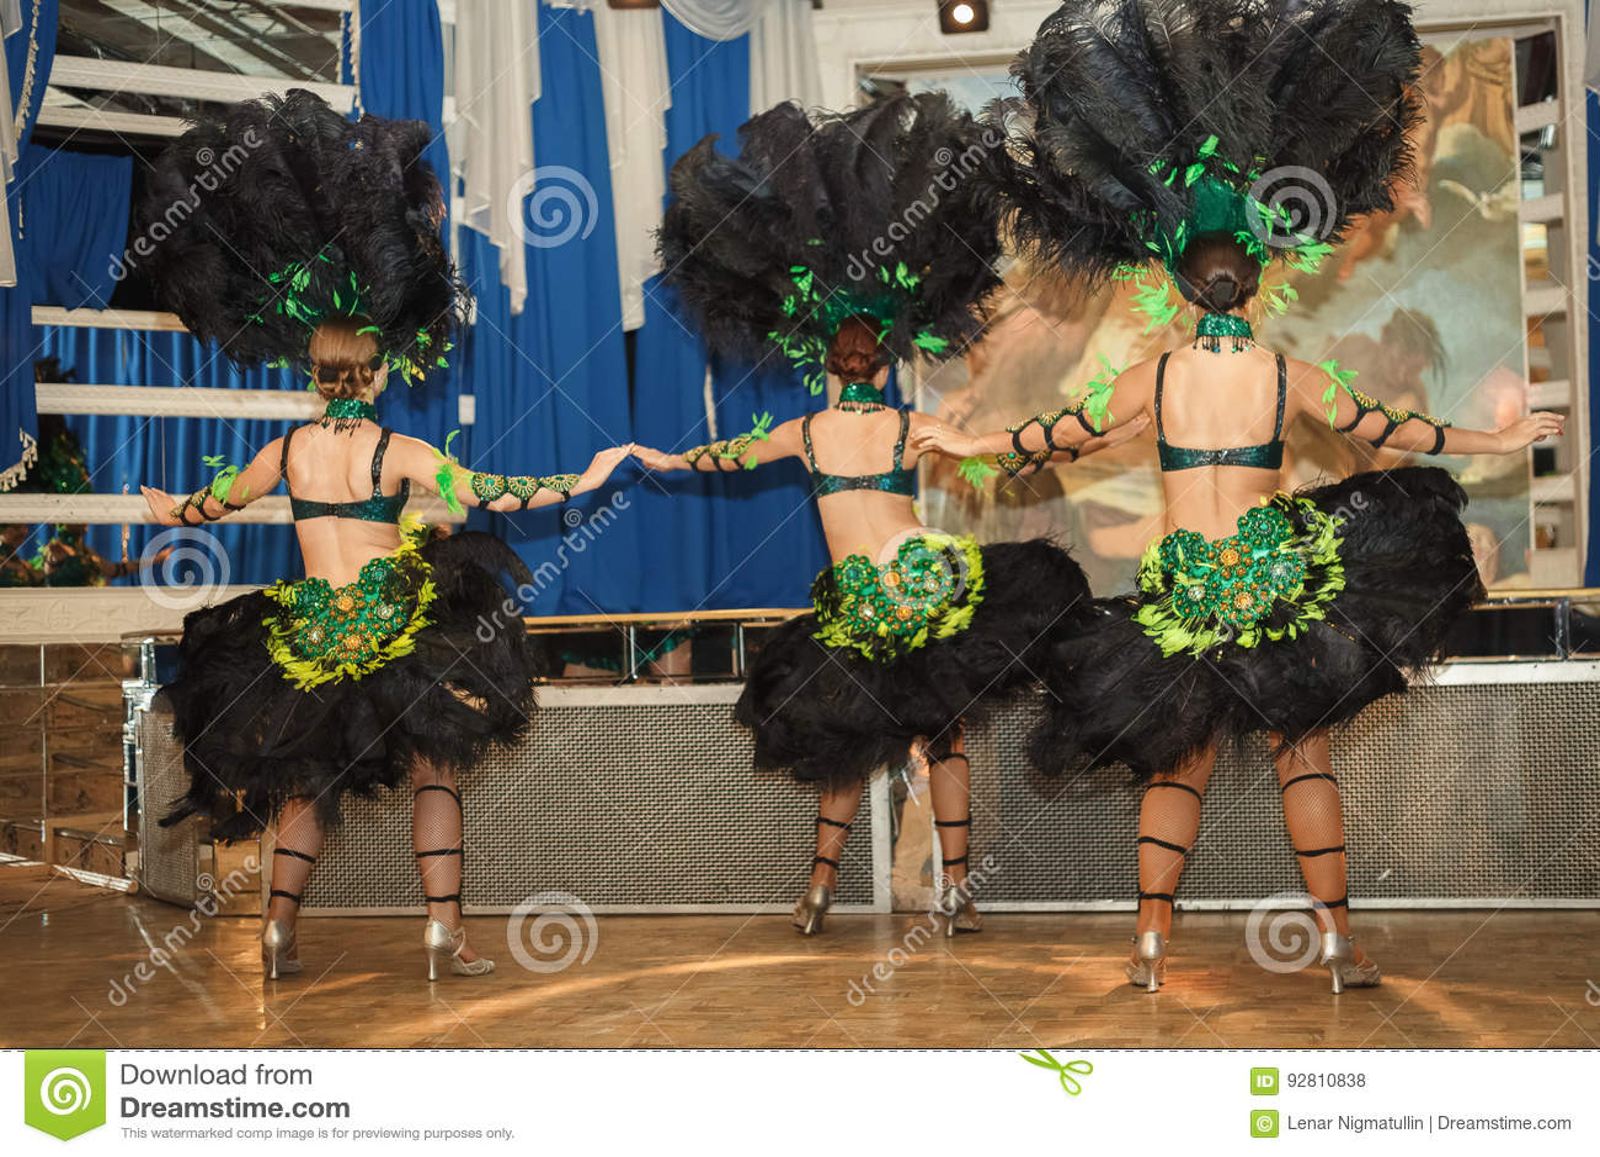 Κορίτσια στο κοστούμι στο καρναβάλι στο Ρίο Οι δράστες αποδίδουν στο στάδιο